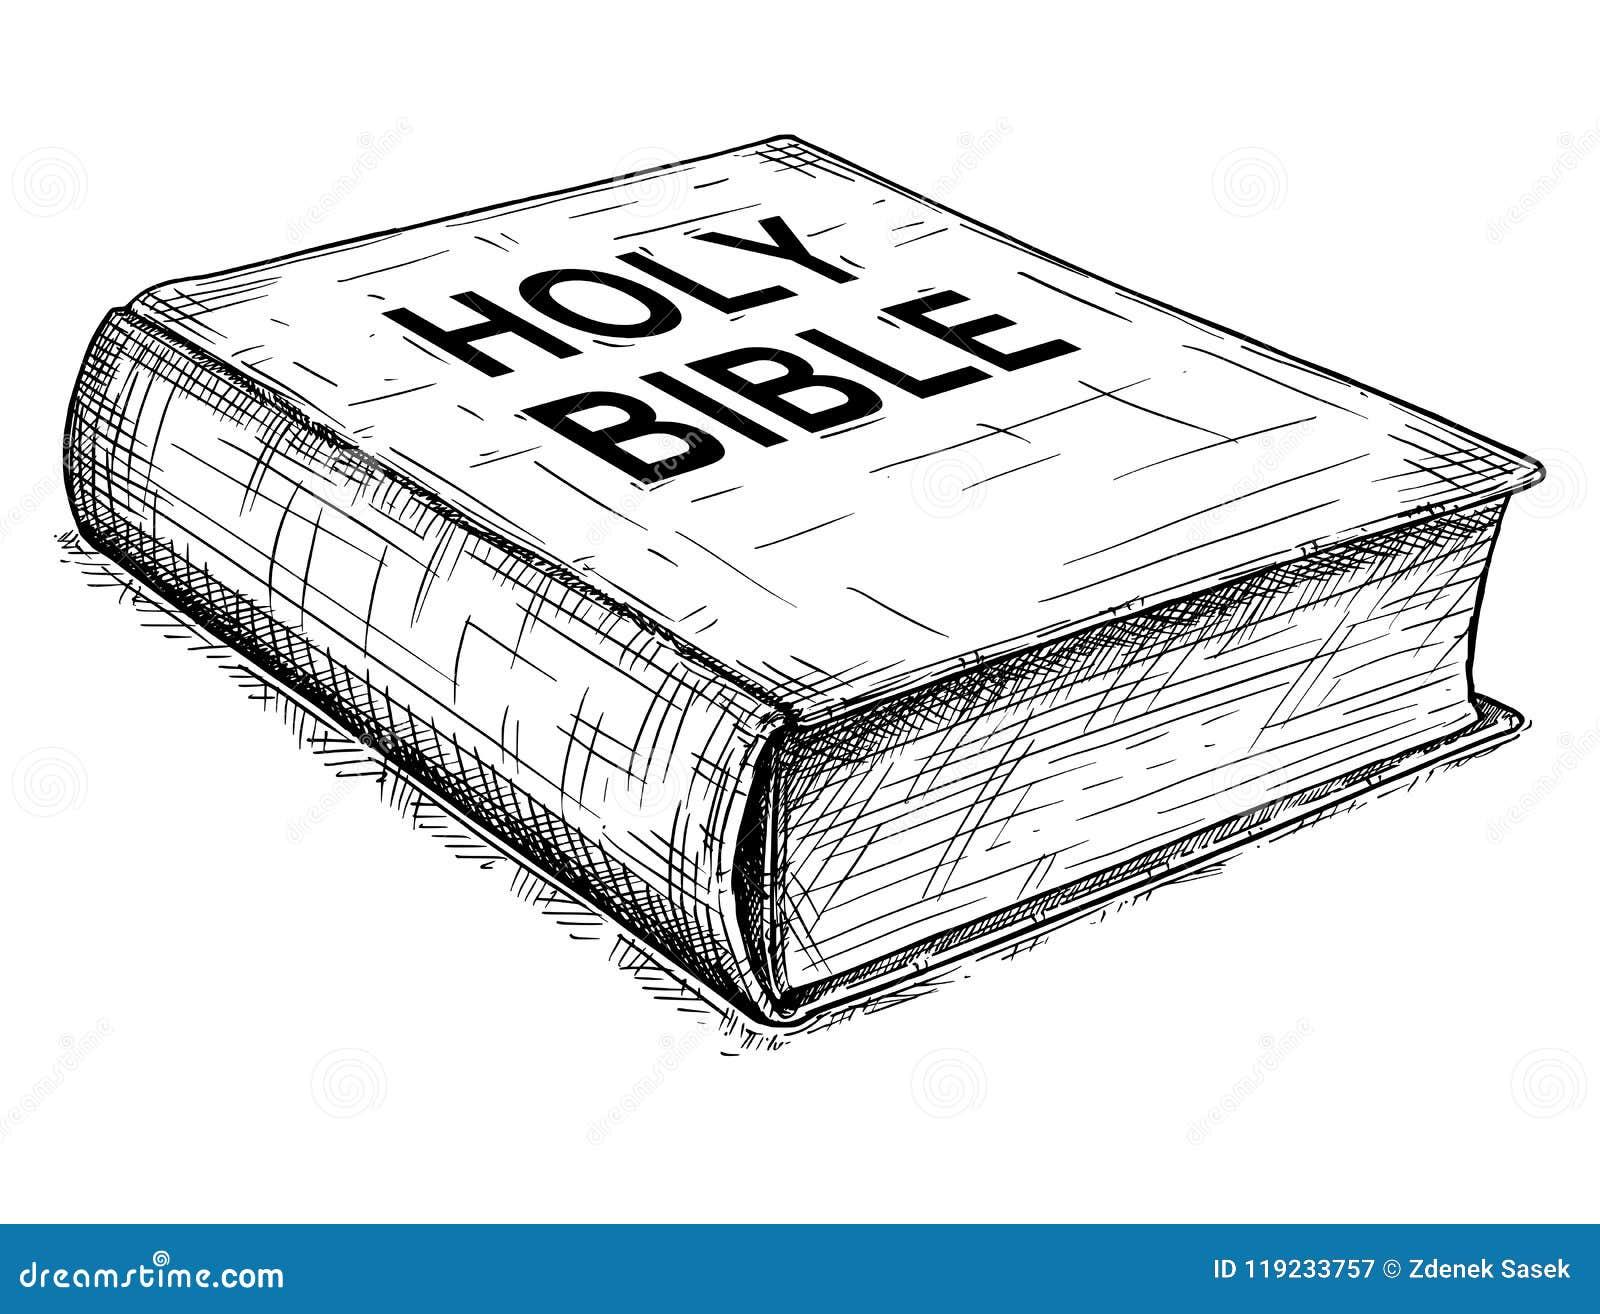 Illustration artistique de dessin de vecteur de livre de Sainte Bible